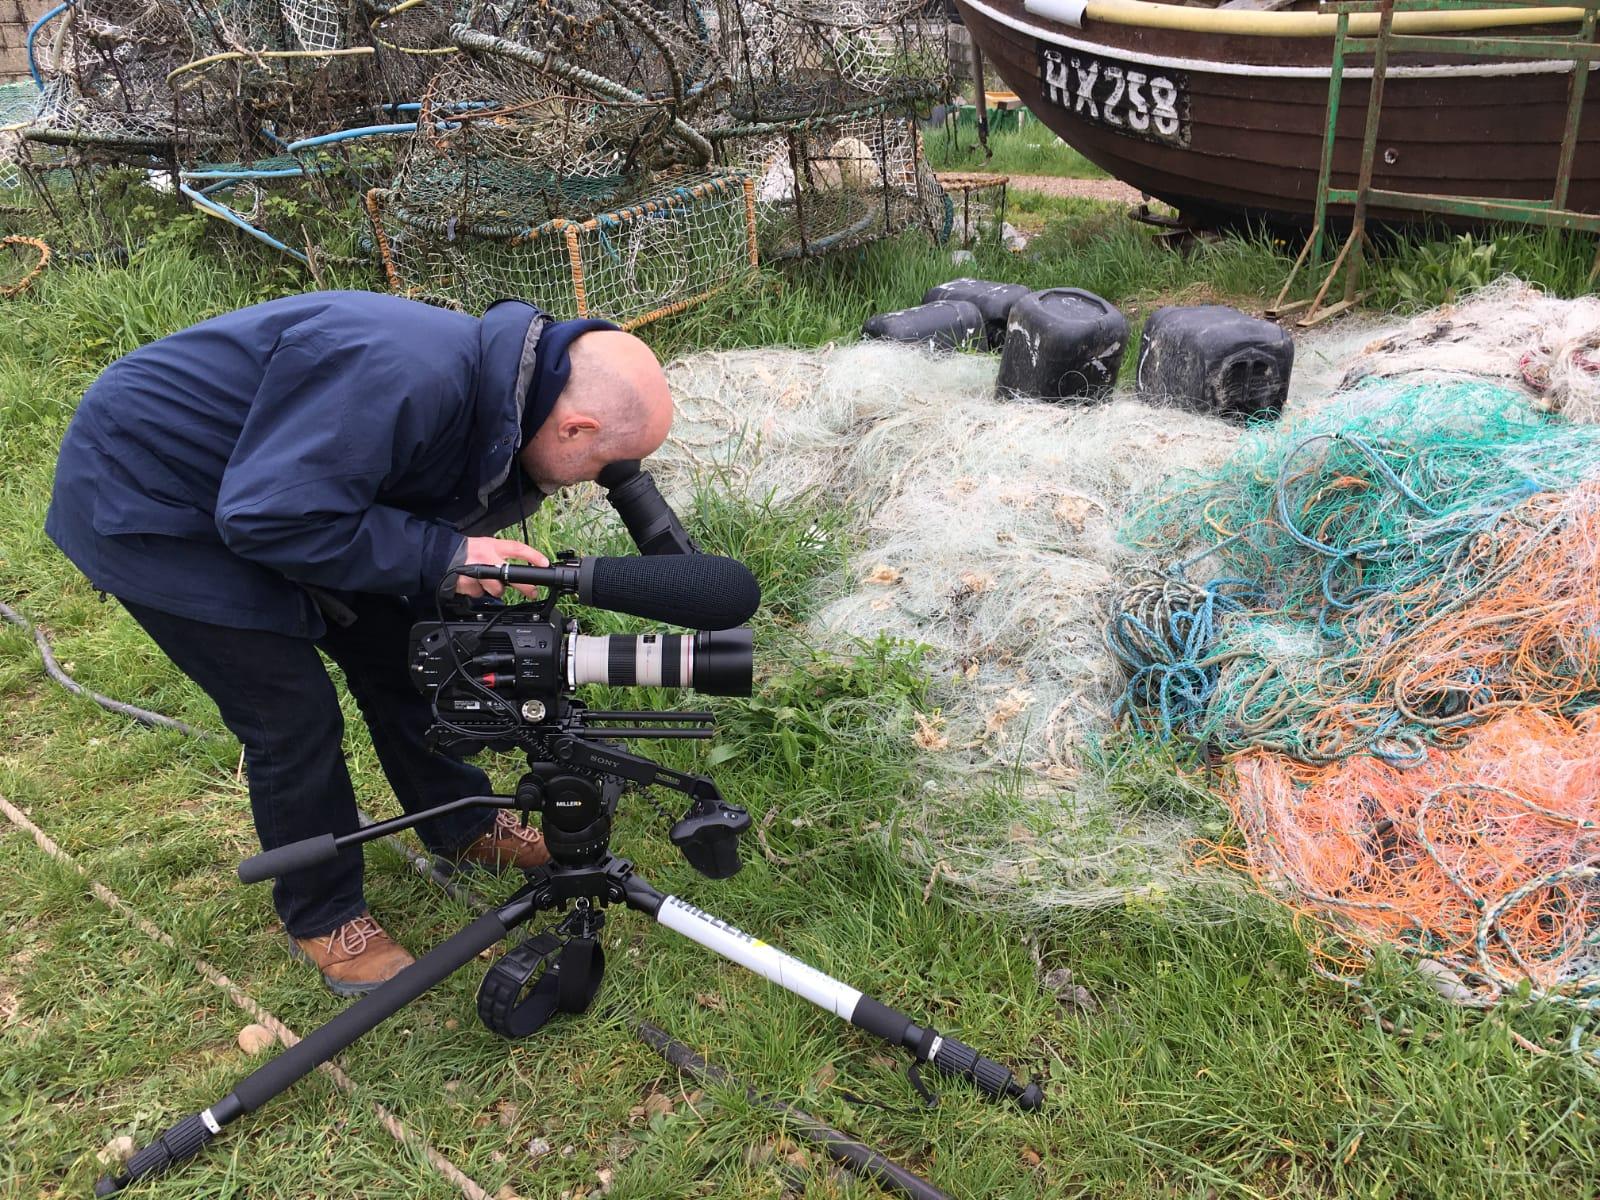 © Ellie Wilson - David filming Music Video in Rye 2